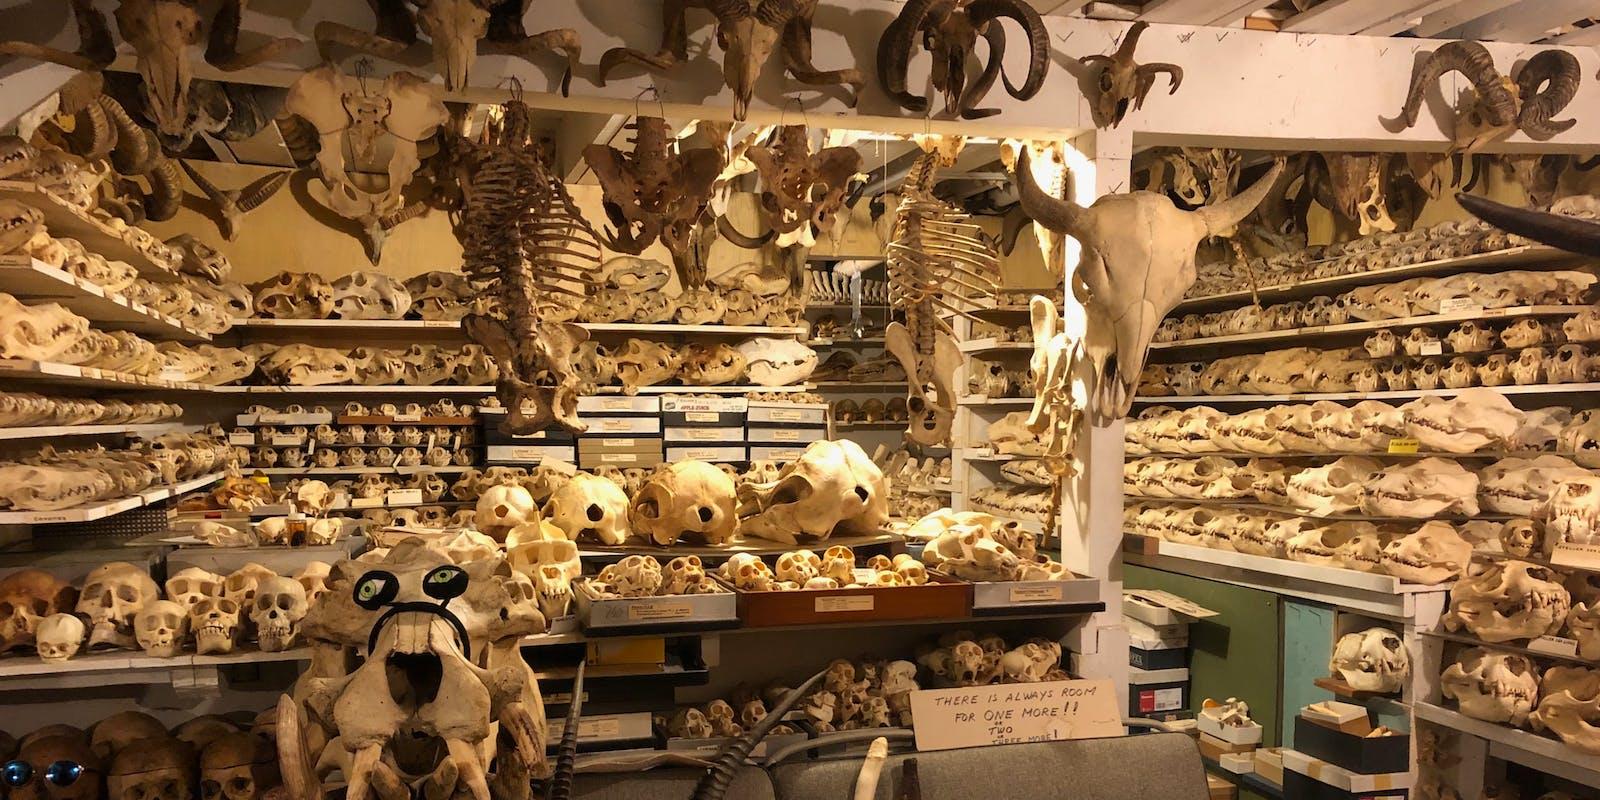 The basement full of skulls